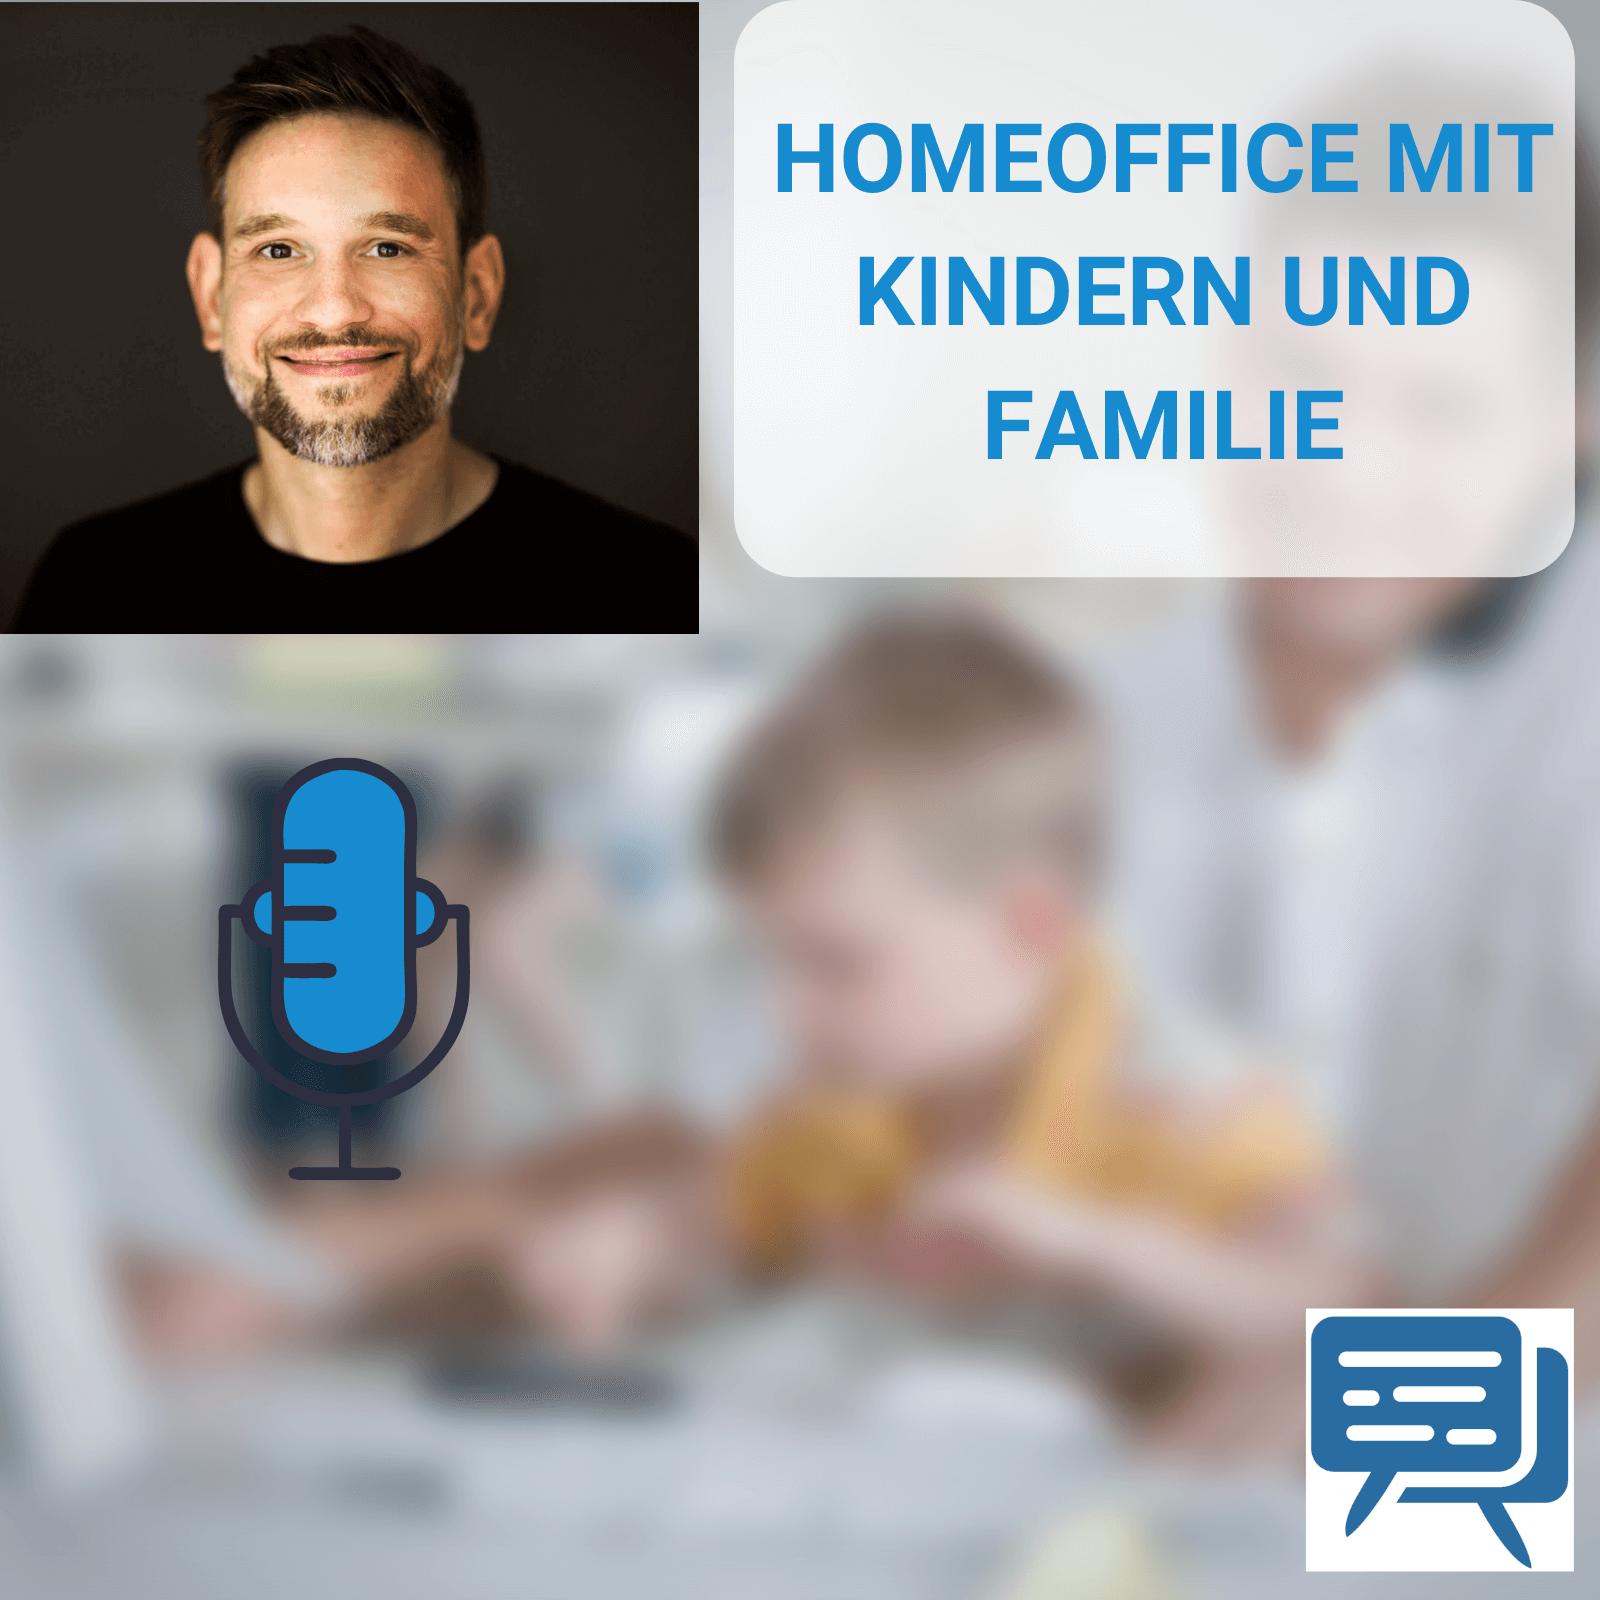 Homeoffice mit Kindern und Familie